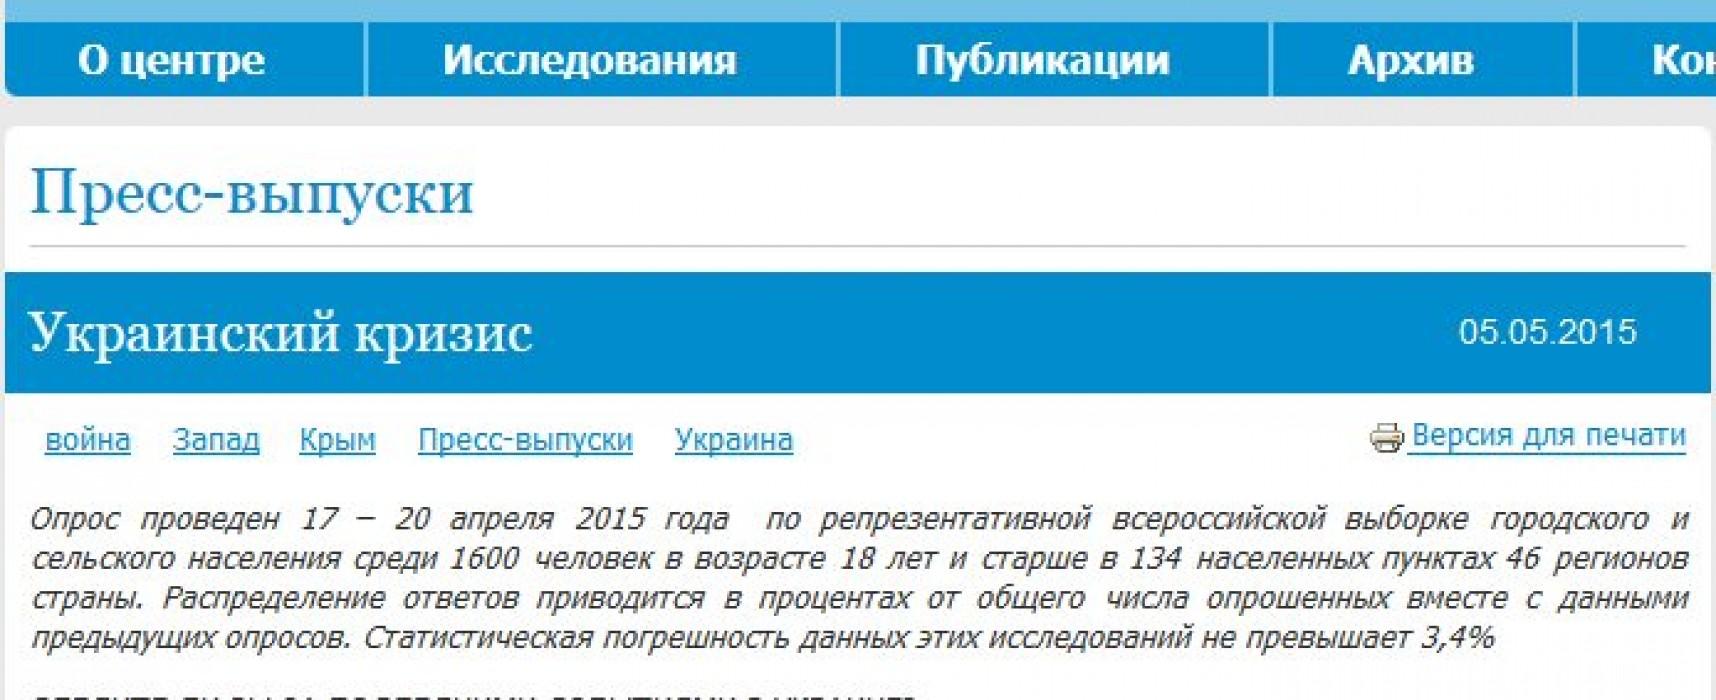 Левада-Центр: присутствие наемников из России на Донбассе признают 24% опрошенных